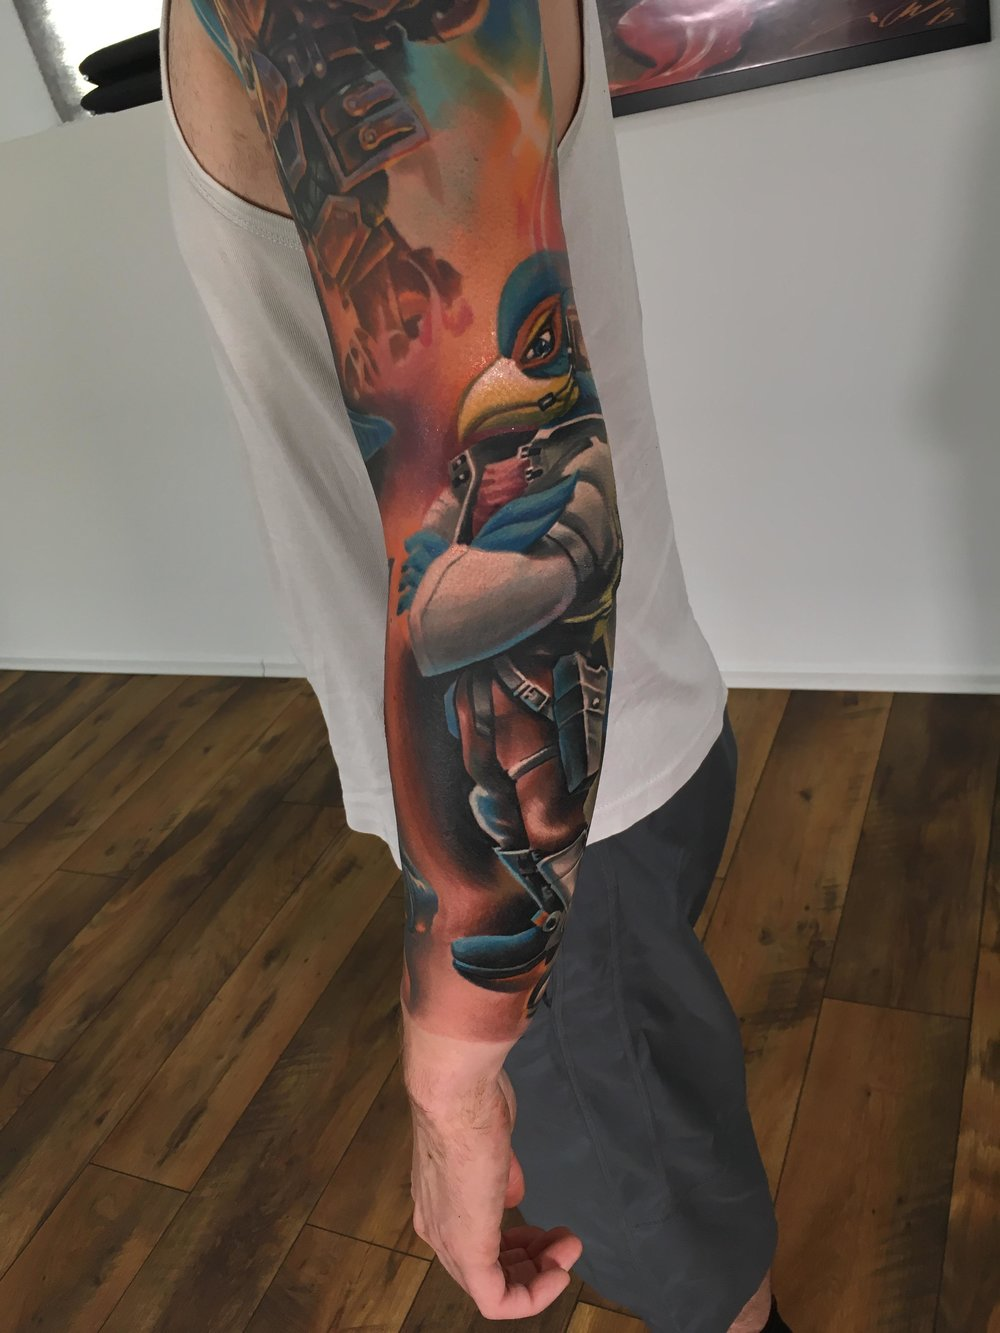 This tattoo belongs to Reddit user u/Hahn_on_Reddit